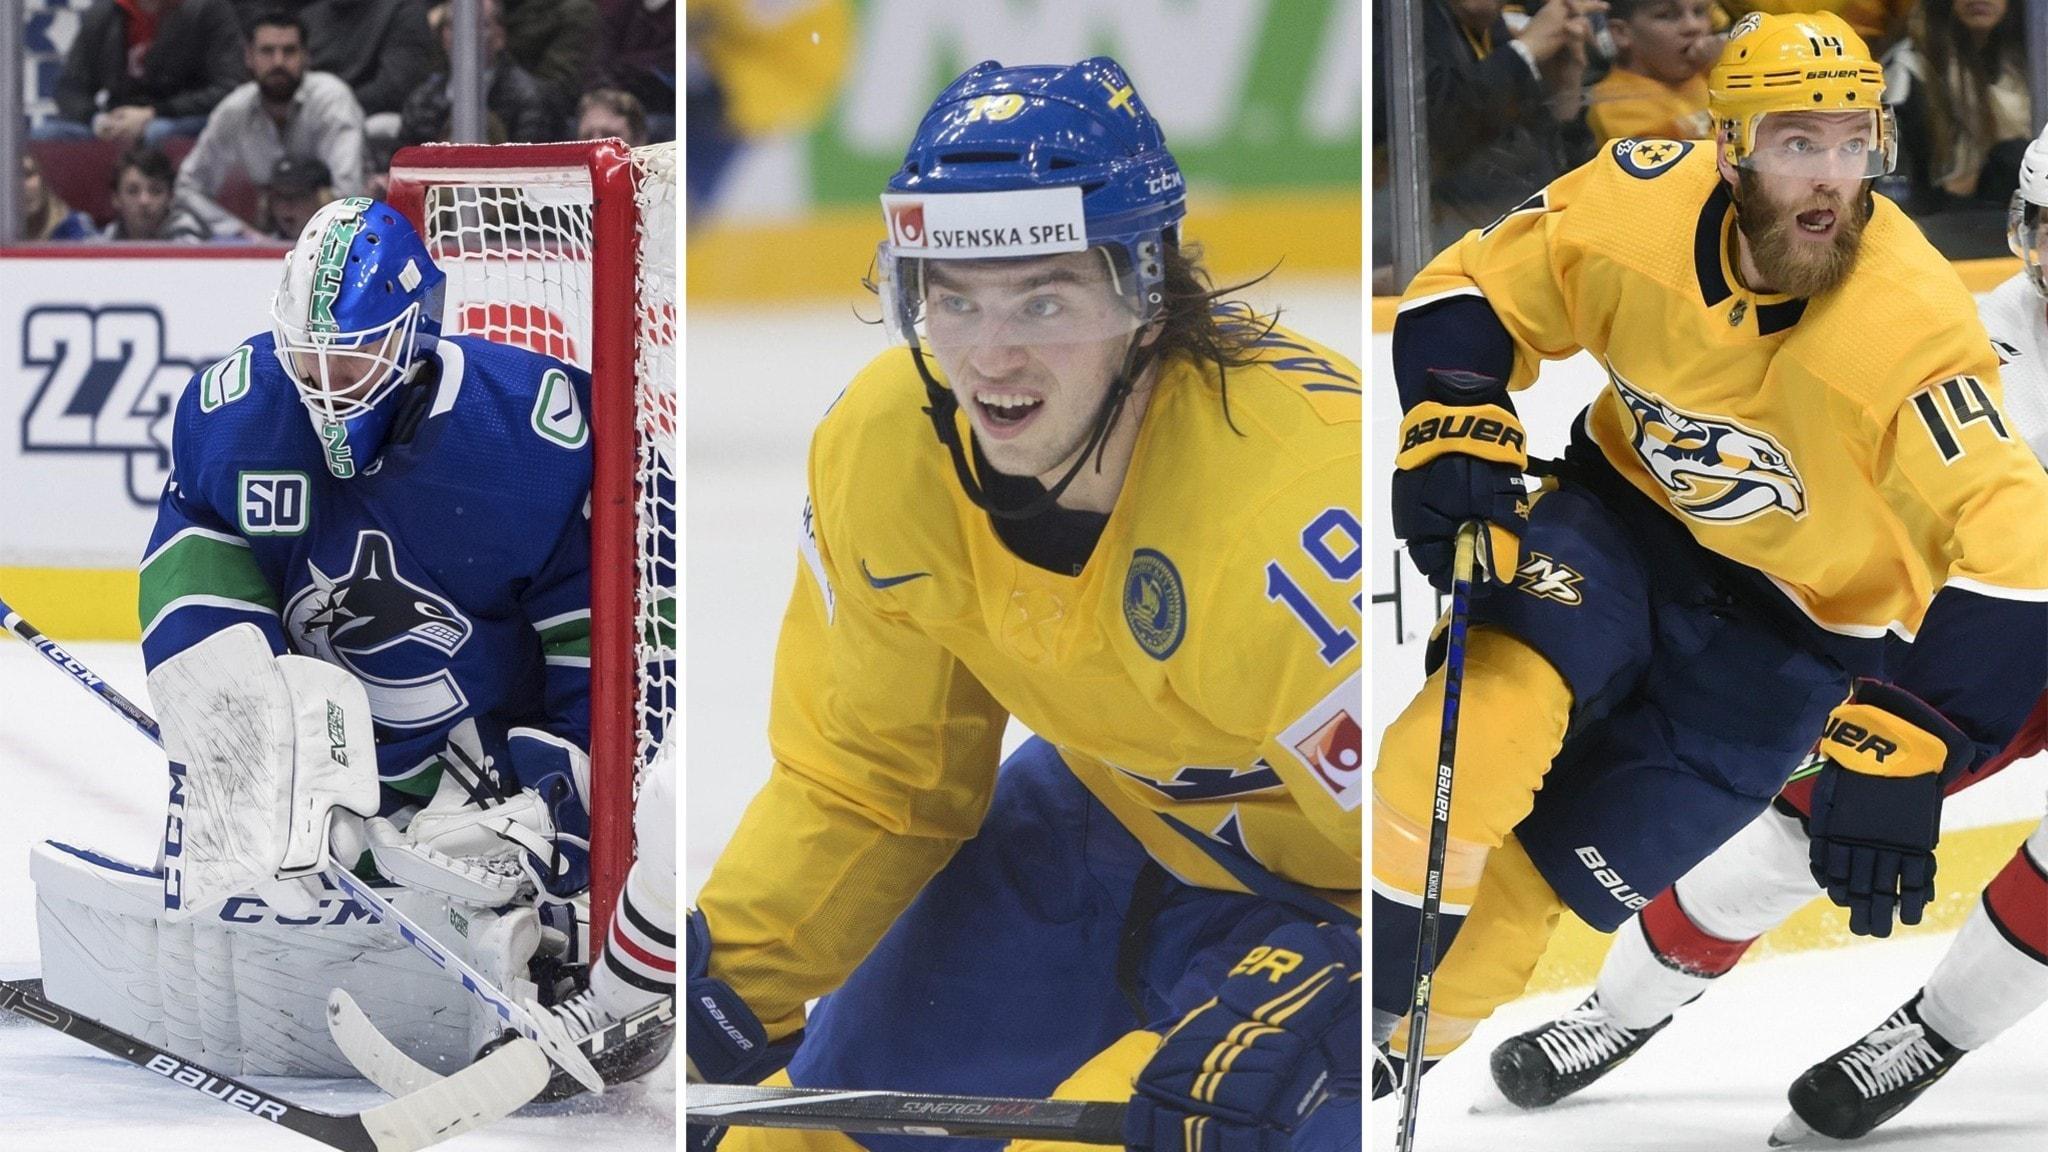 Markströms Vancouver vidare i NHL-slutspelet – Järnkroks Nashville borta